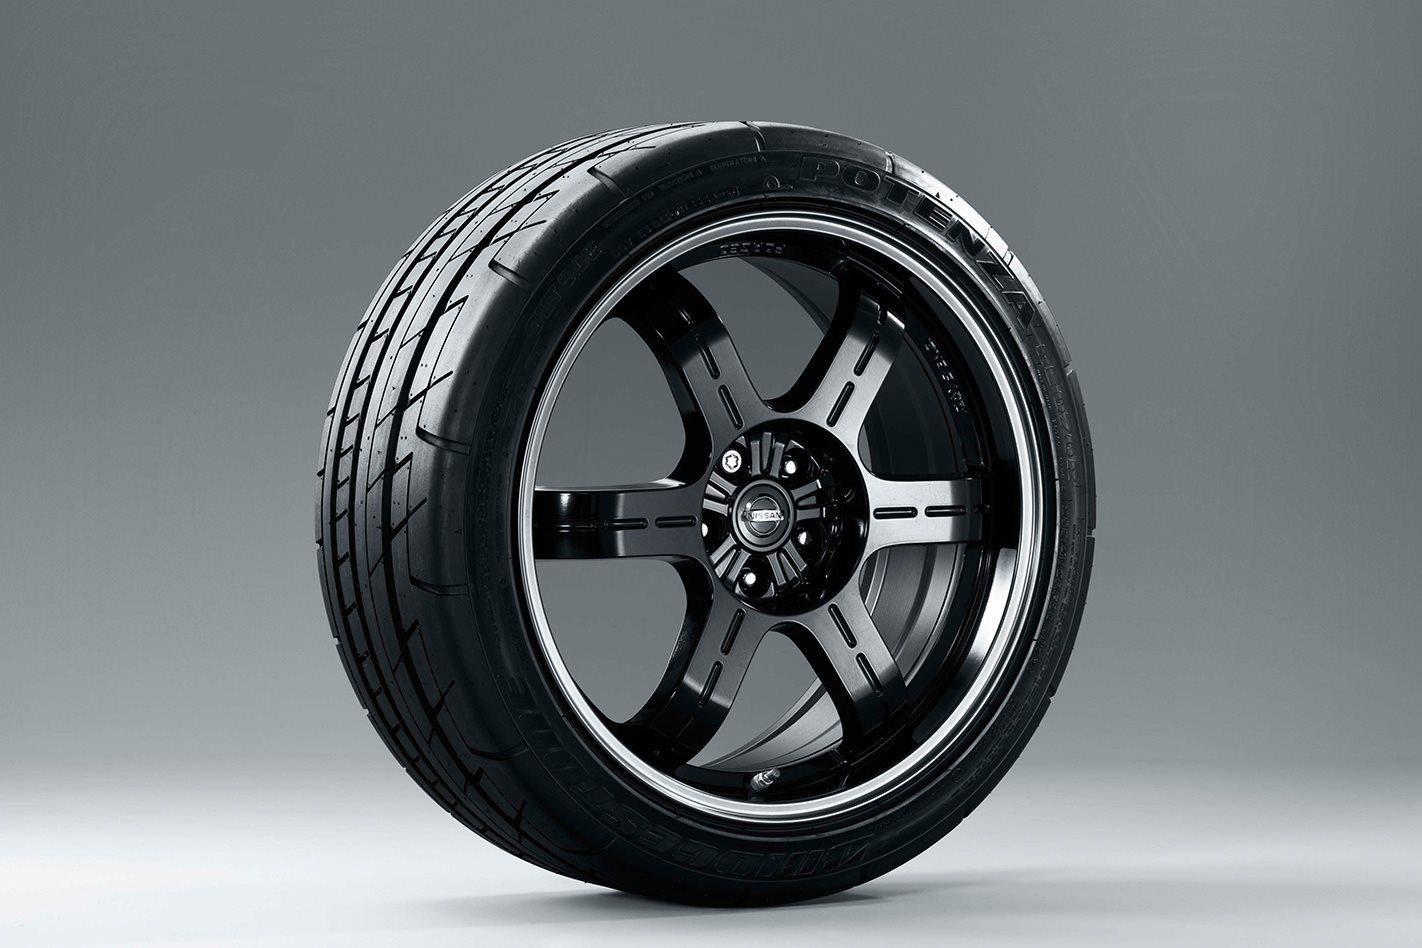 Nissan-GT-R-Spec-V-tyres.jpg